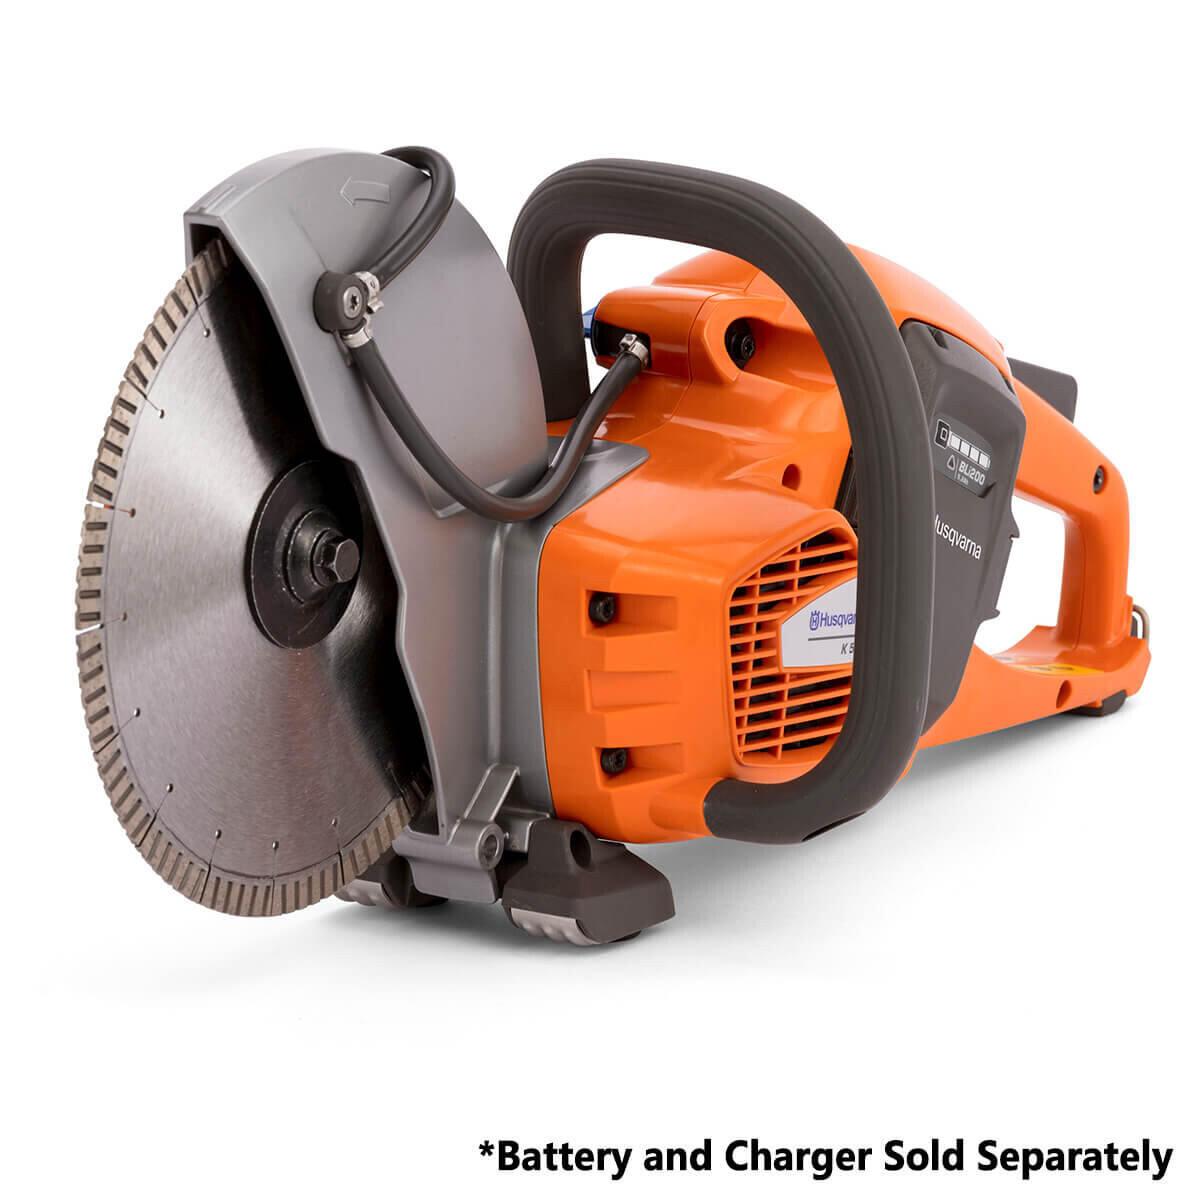 Husqvarna K535i Battery-Powered Cut Off Saw